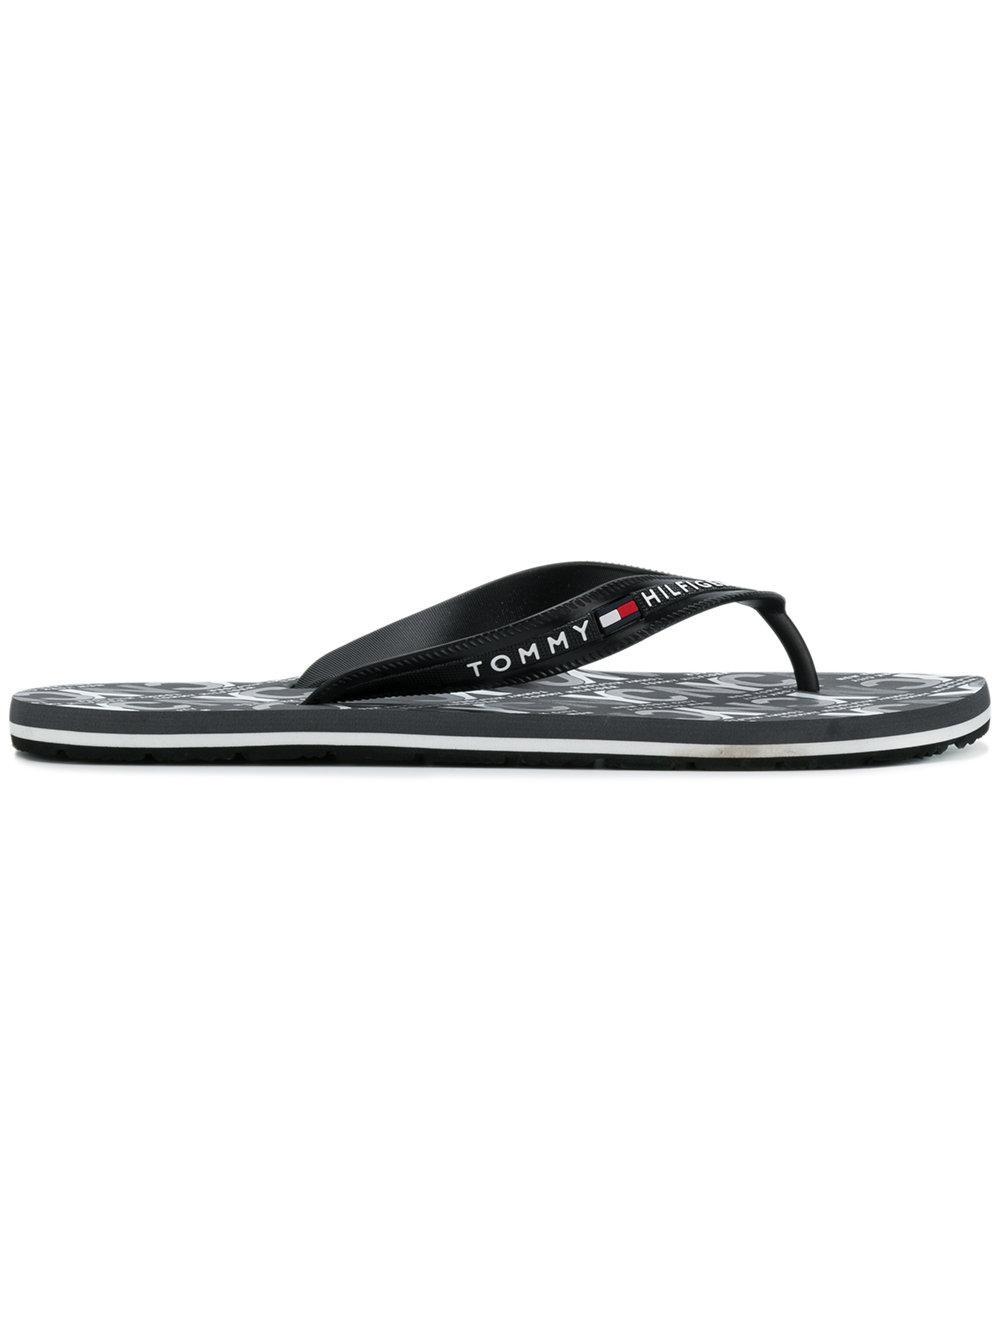 2967d7b1e5b2c7 TOMMY HILFIGER. Tommy Hilfiger Logo Stamped Flip Flops ...